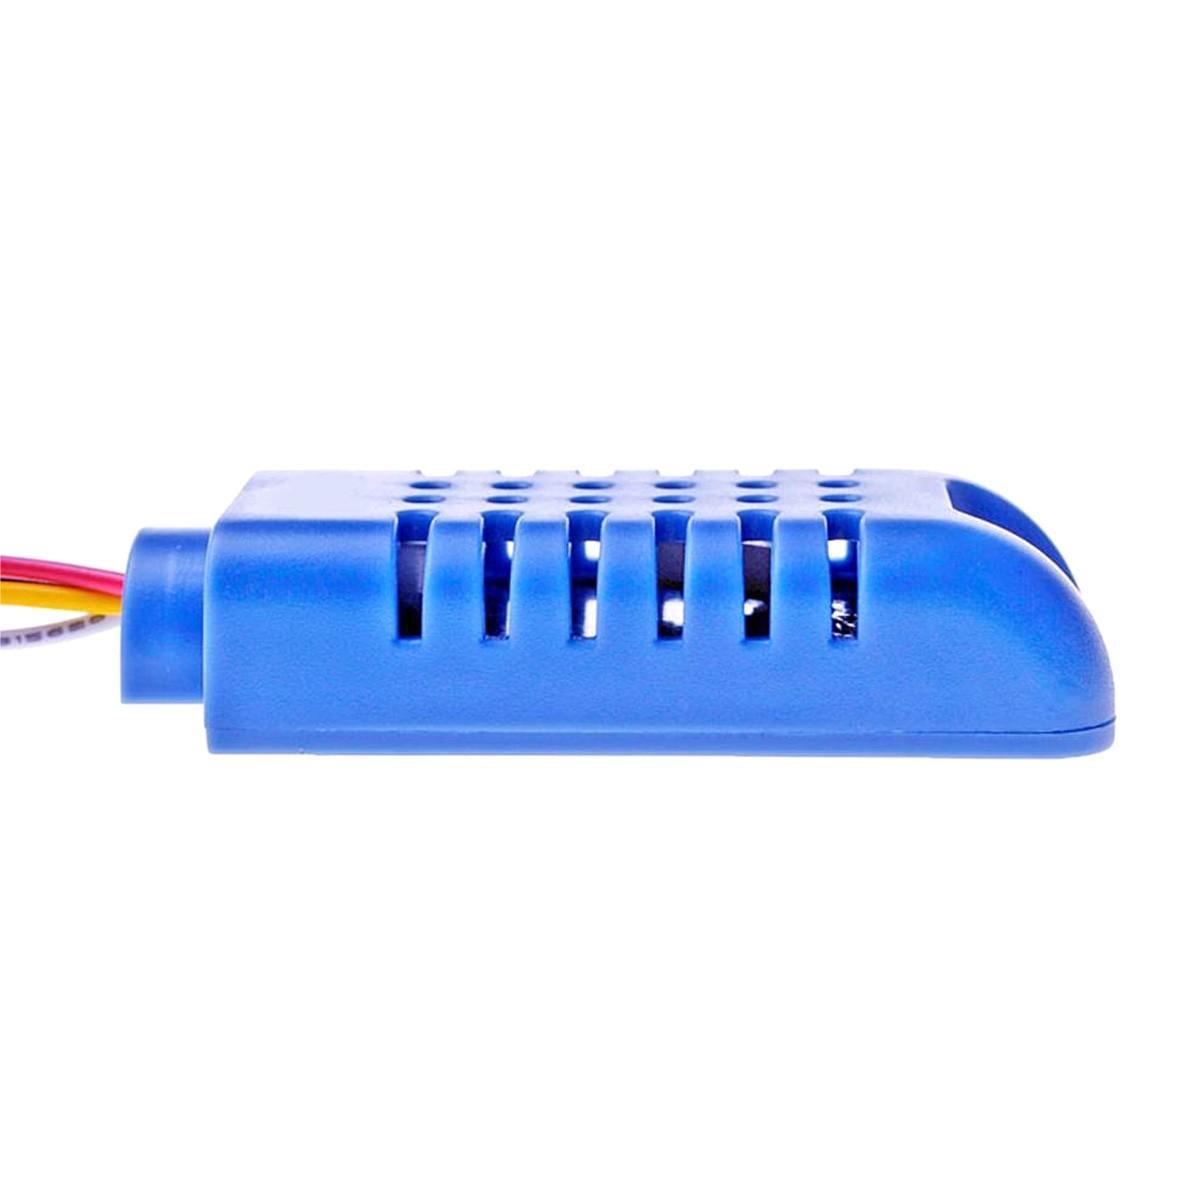 Sensor de Temperatura e Umidade AMT1001